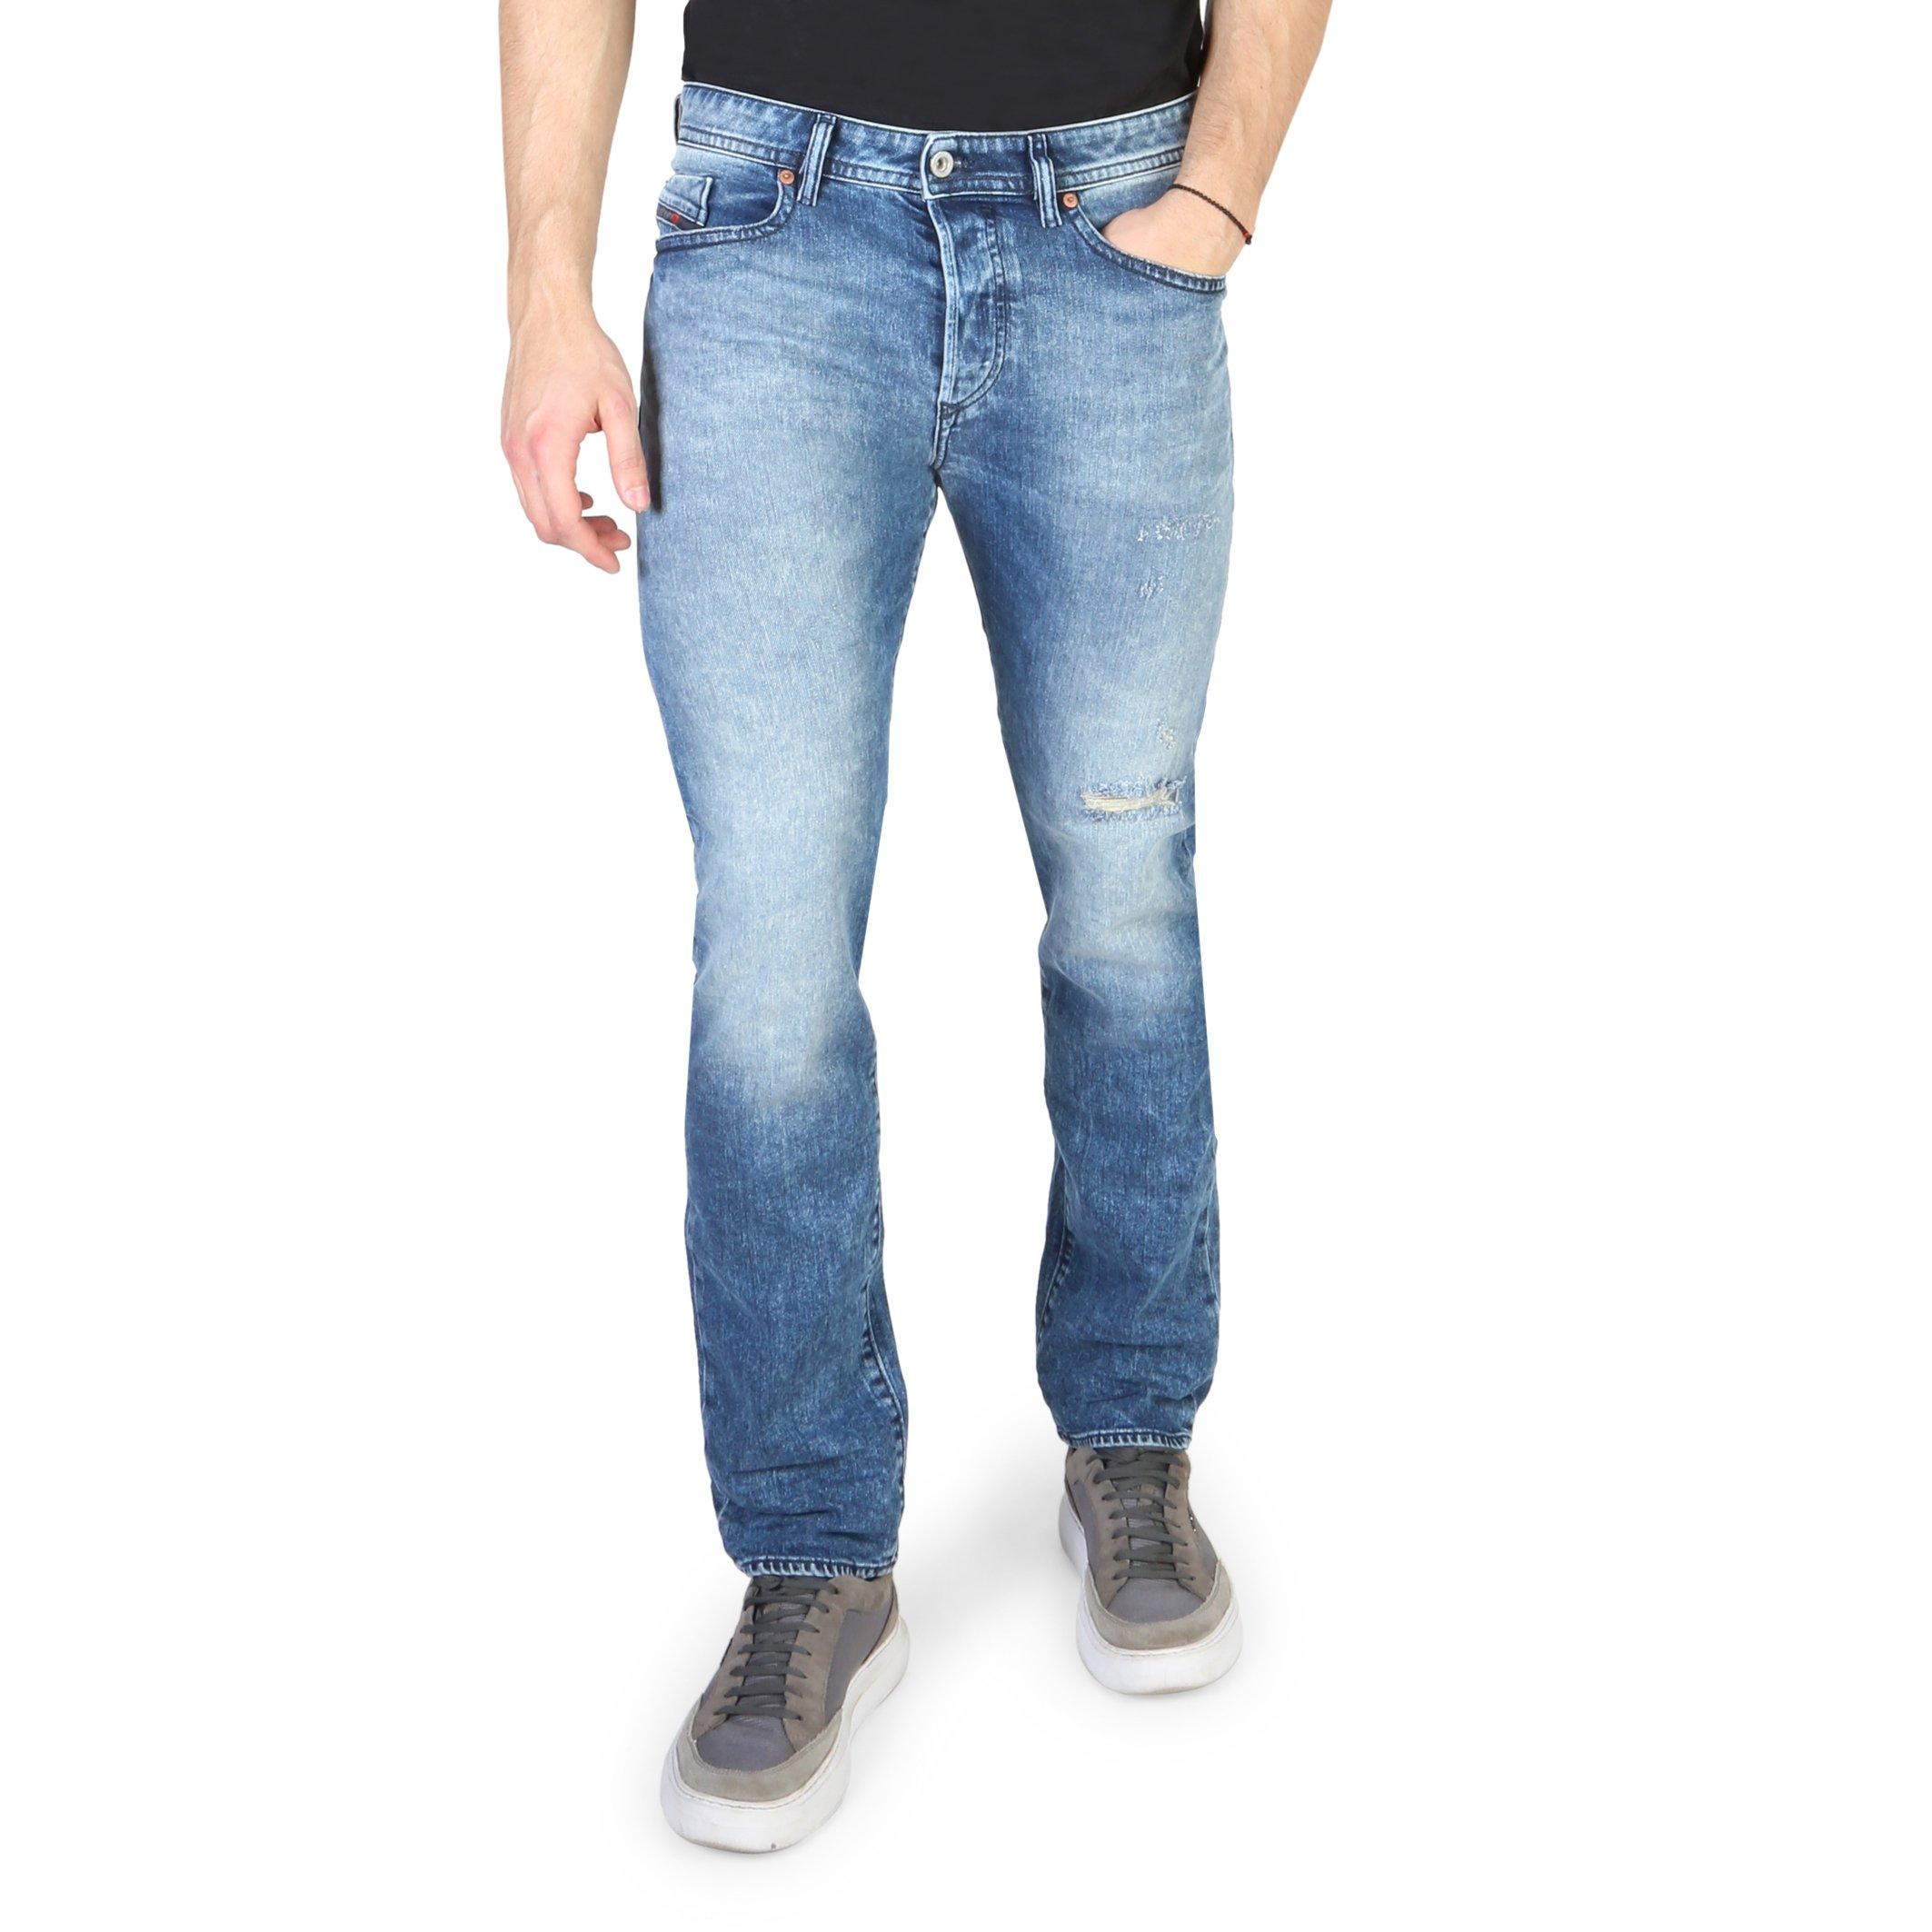 Diesel Men's Jeans Various Colours BUSTER_L32_00SDHB - blue-1 29